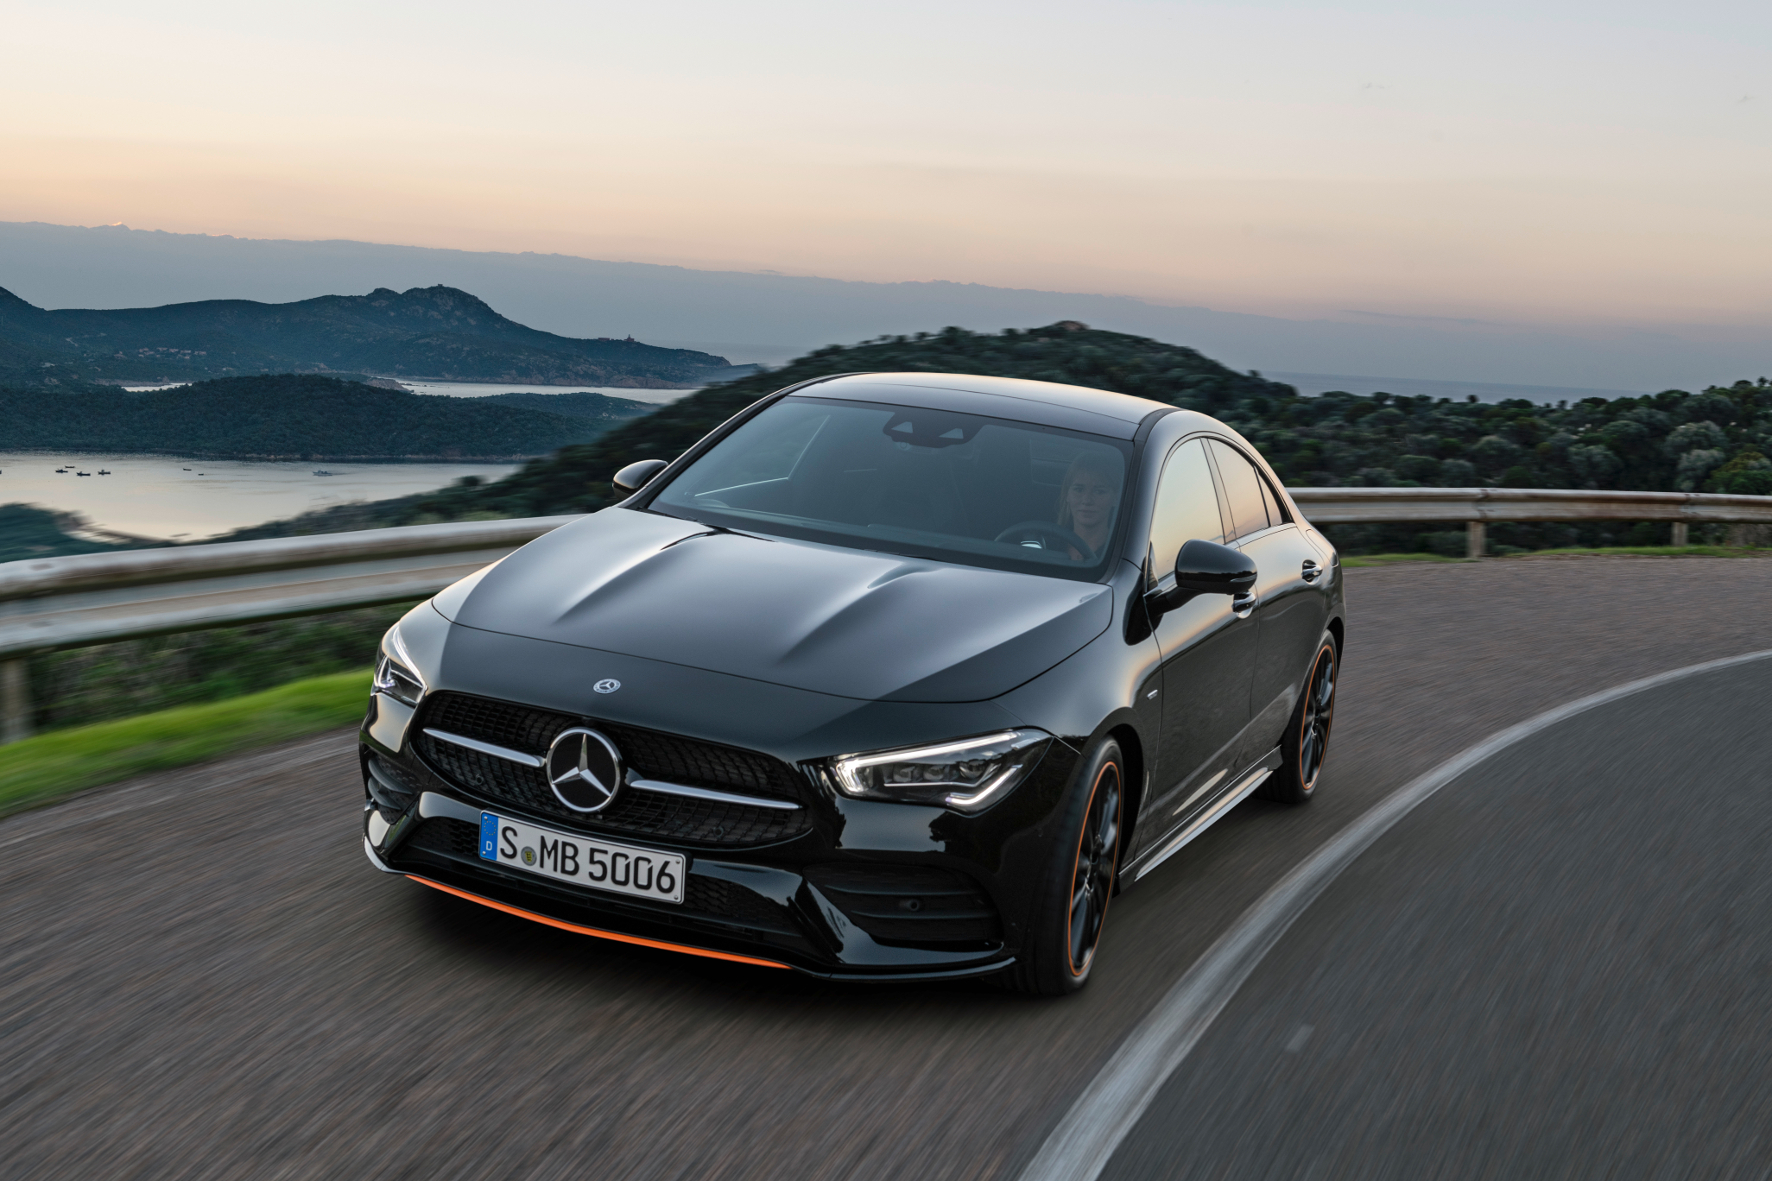 Mit dem neuen CLA will Mercedes anderen Premium-Marken vor allem junge Kunden abjagen.